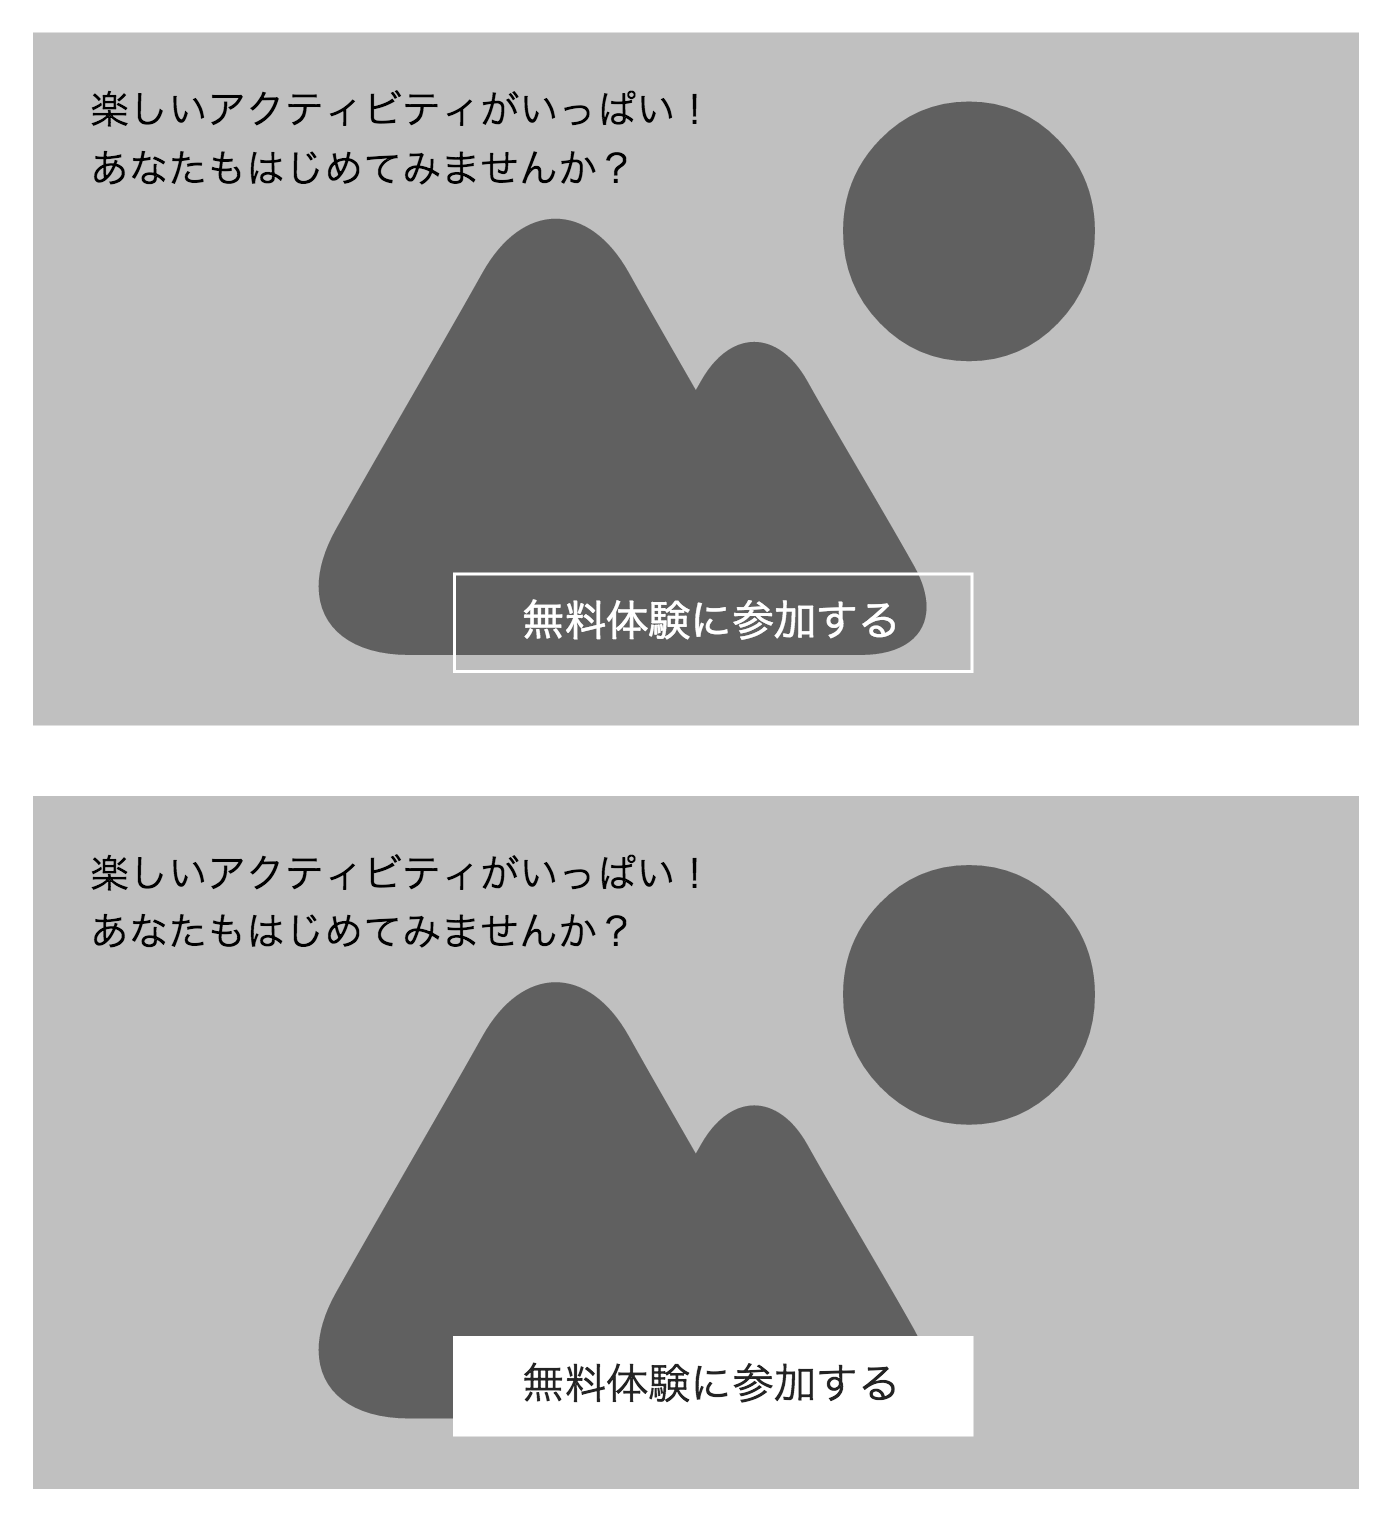 ゴーストボタンのフォーカス時のスタイリング例